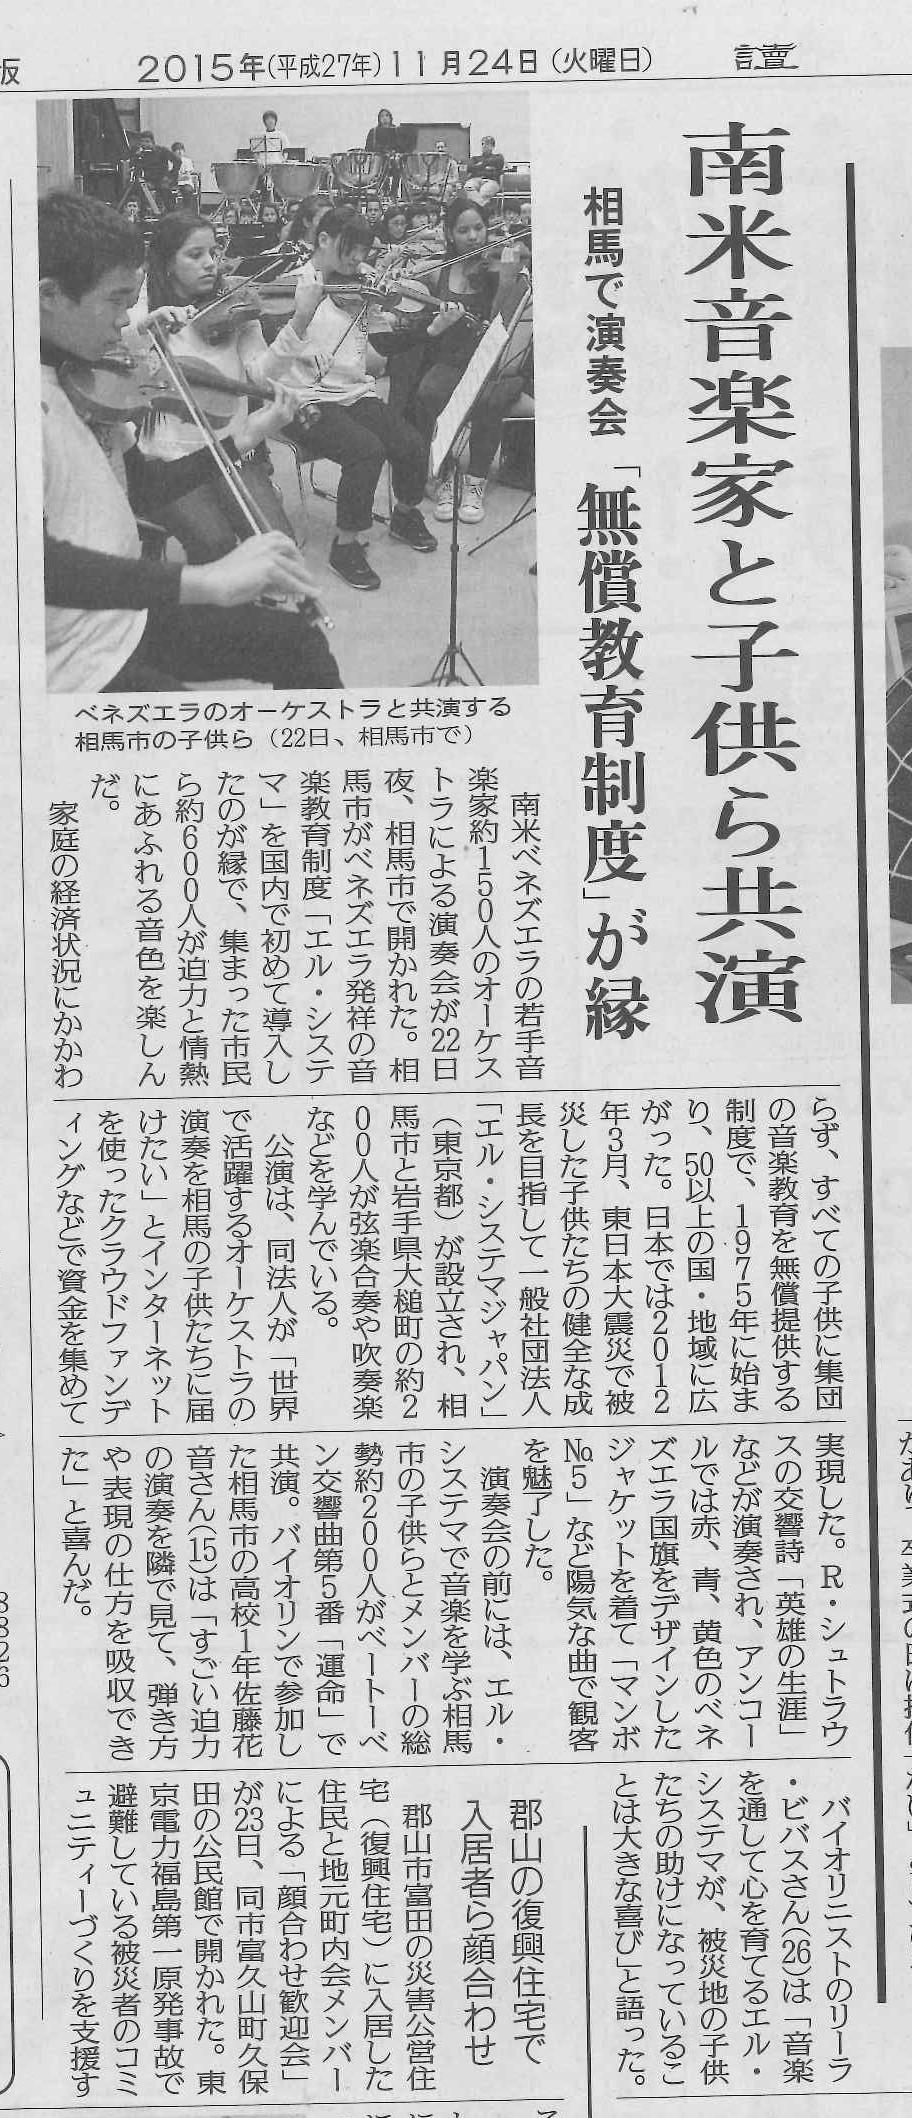 20151124_讀賣新聞福島版